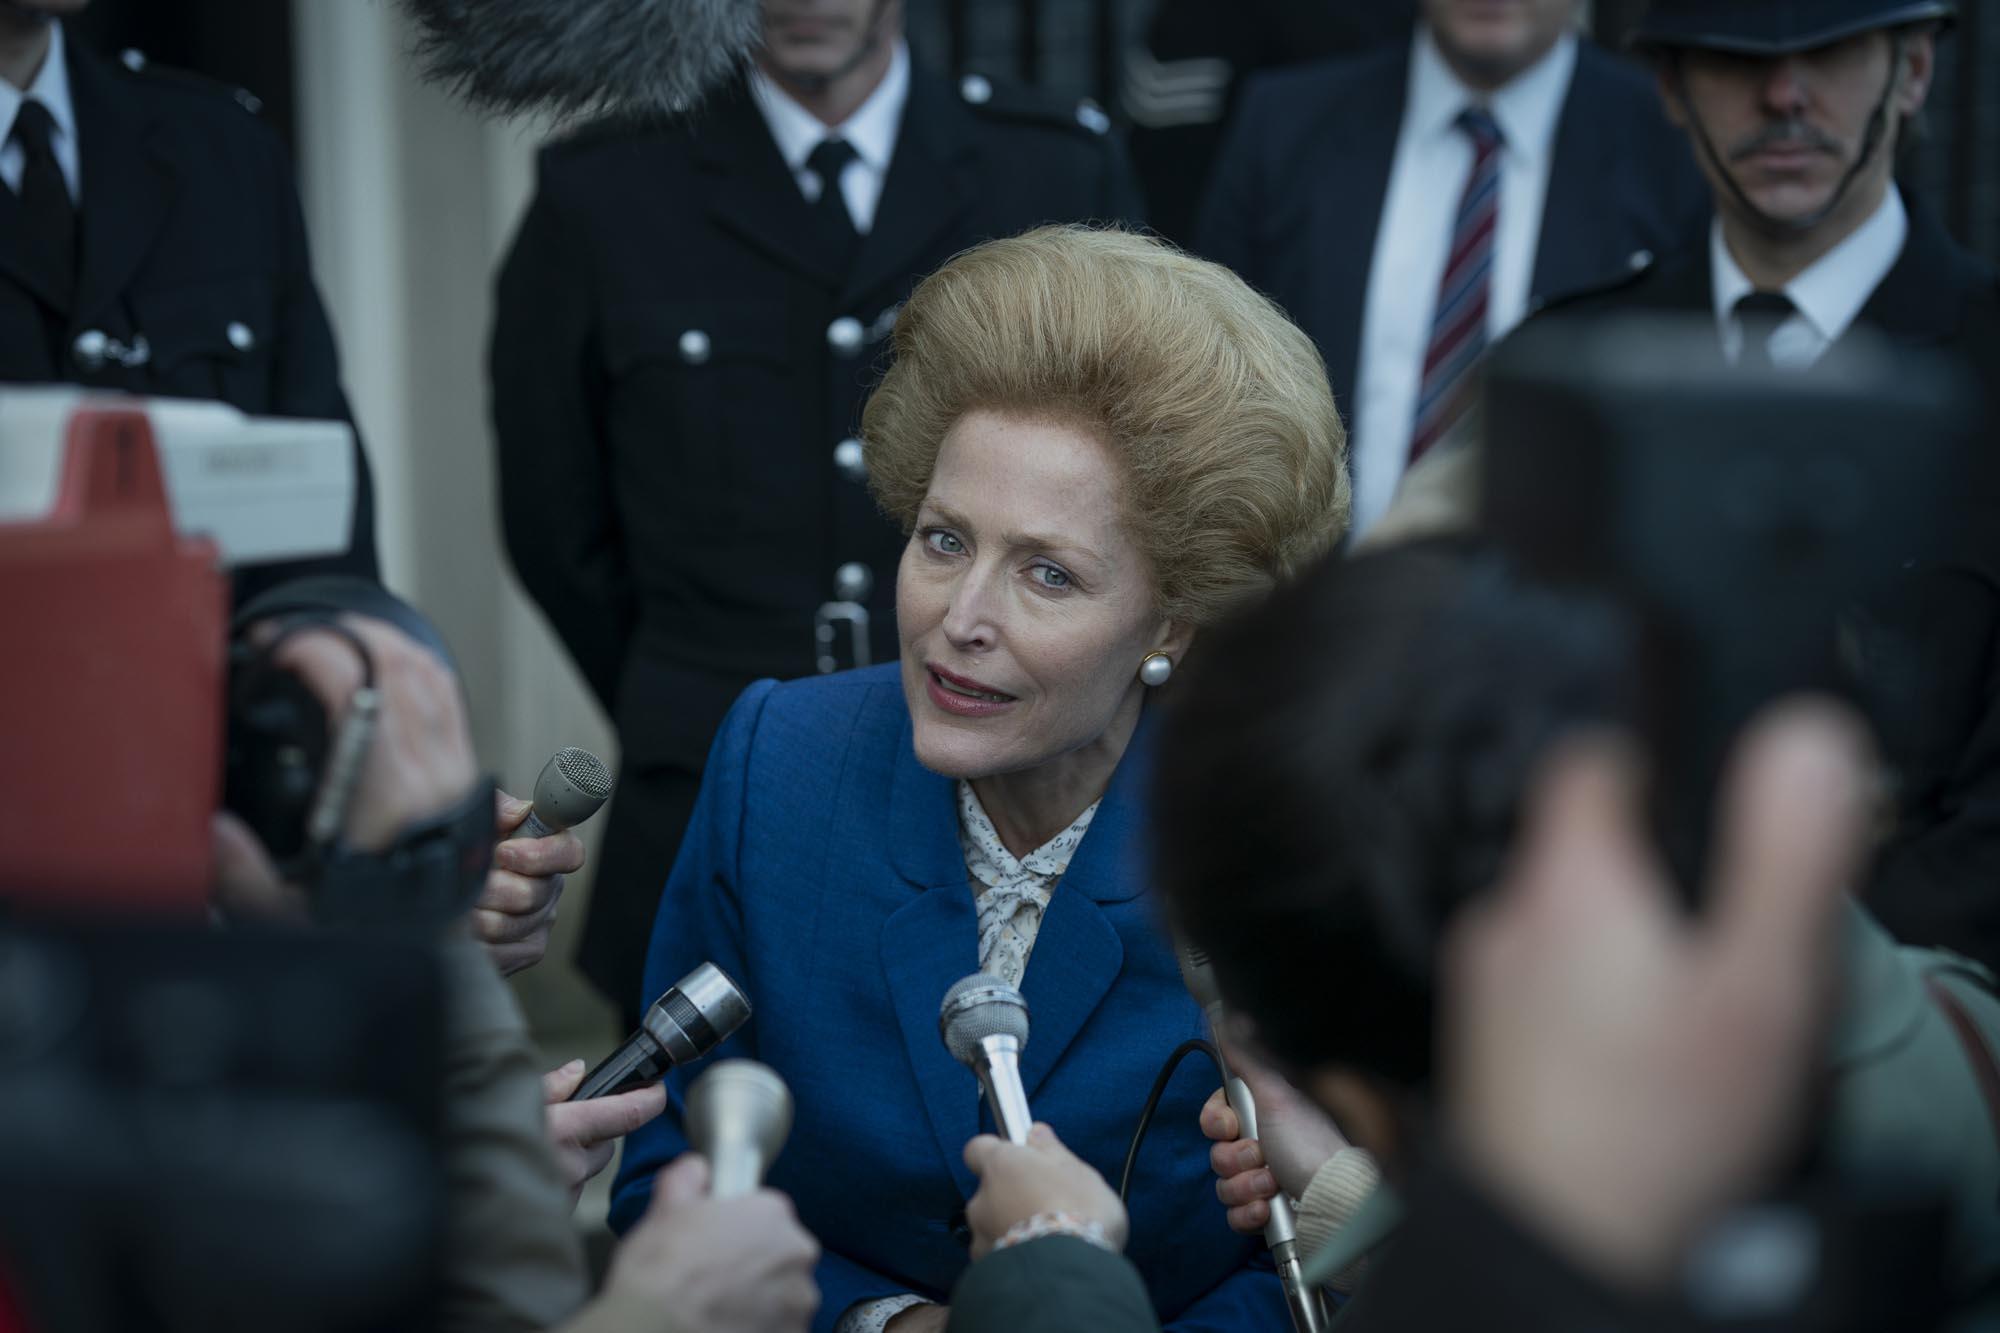 """ג'יליאן אנדרסון בתפקיד מרגרט ת'אצר בעונה הרביעית של """"הכתר"""" (צילום: Des Willie/Netflix)"""